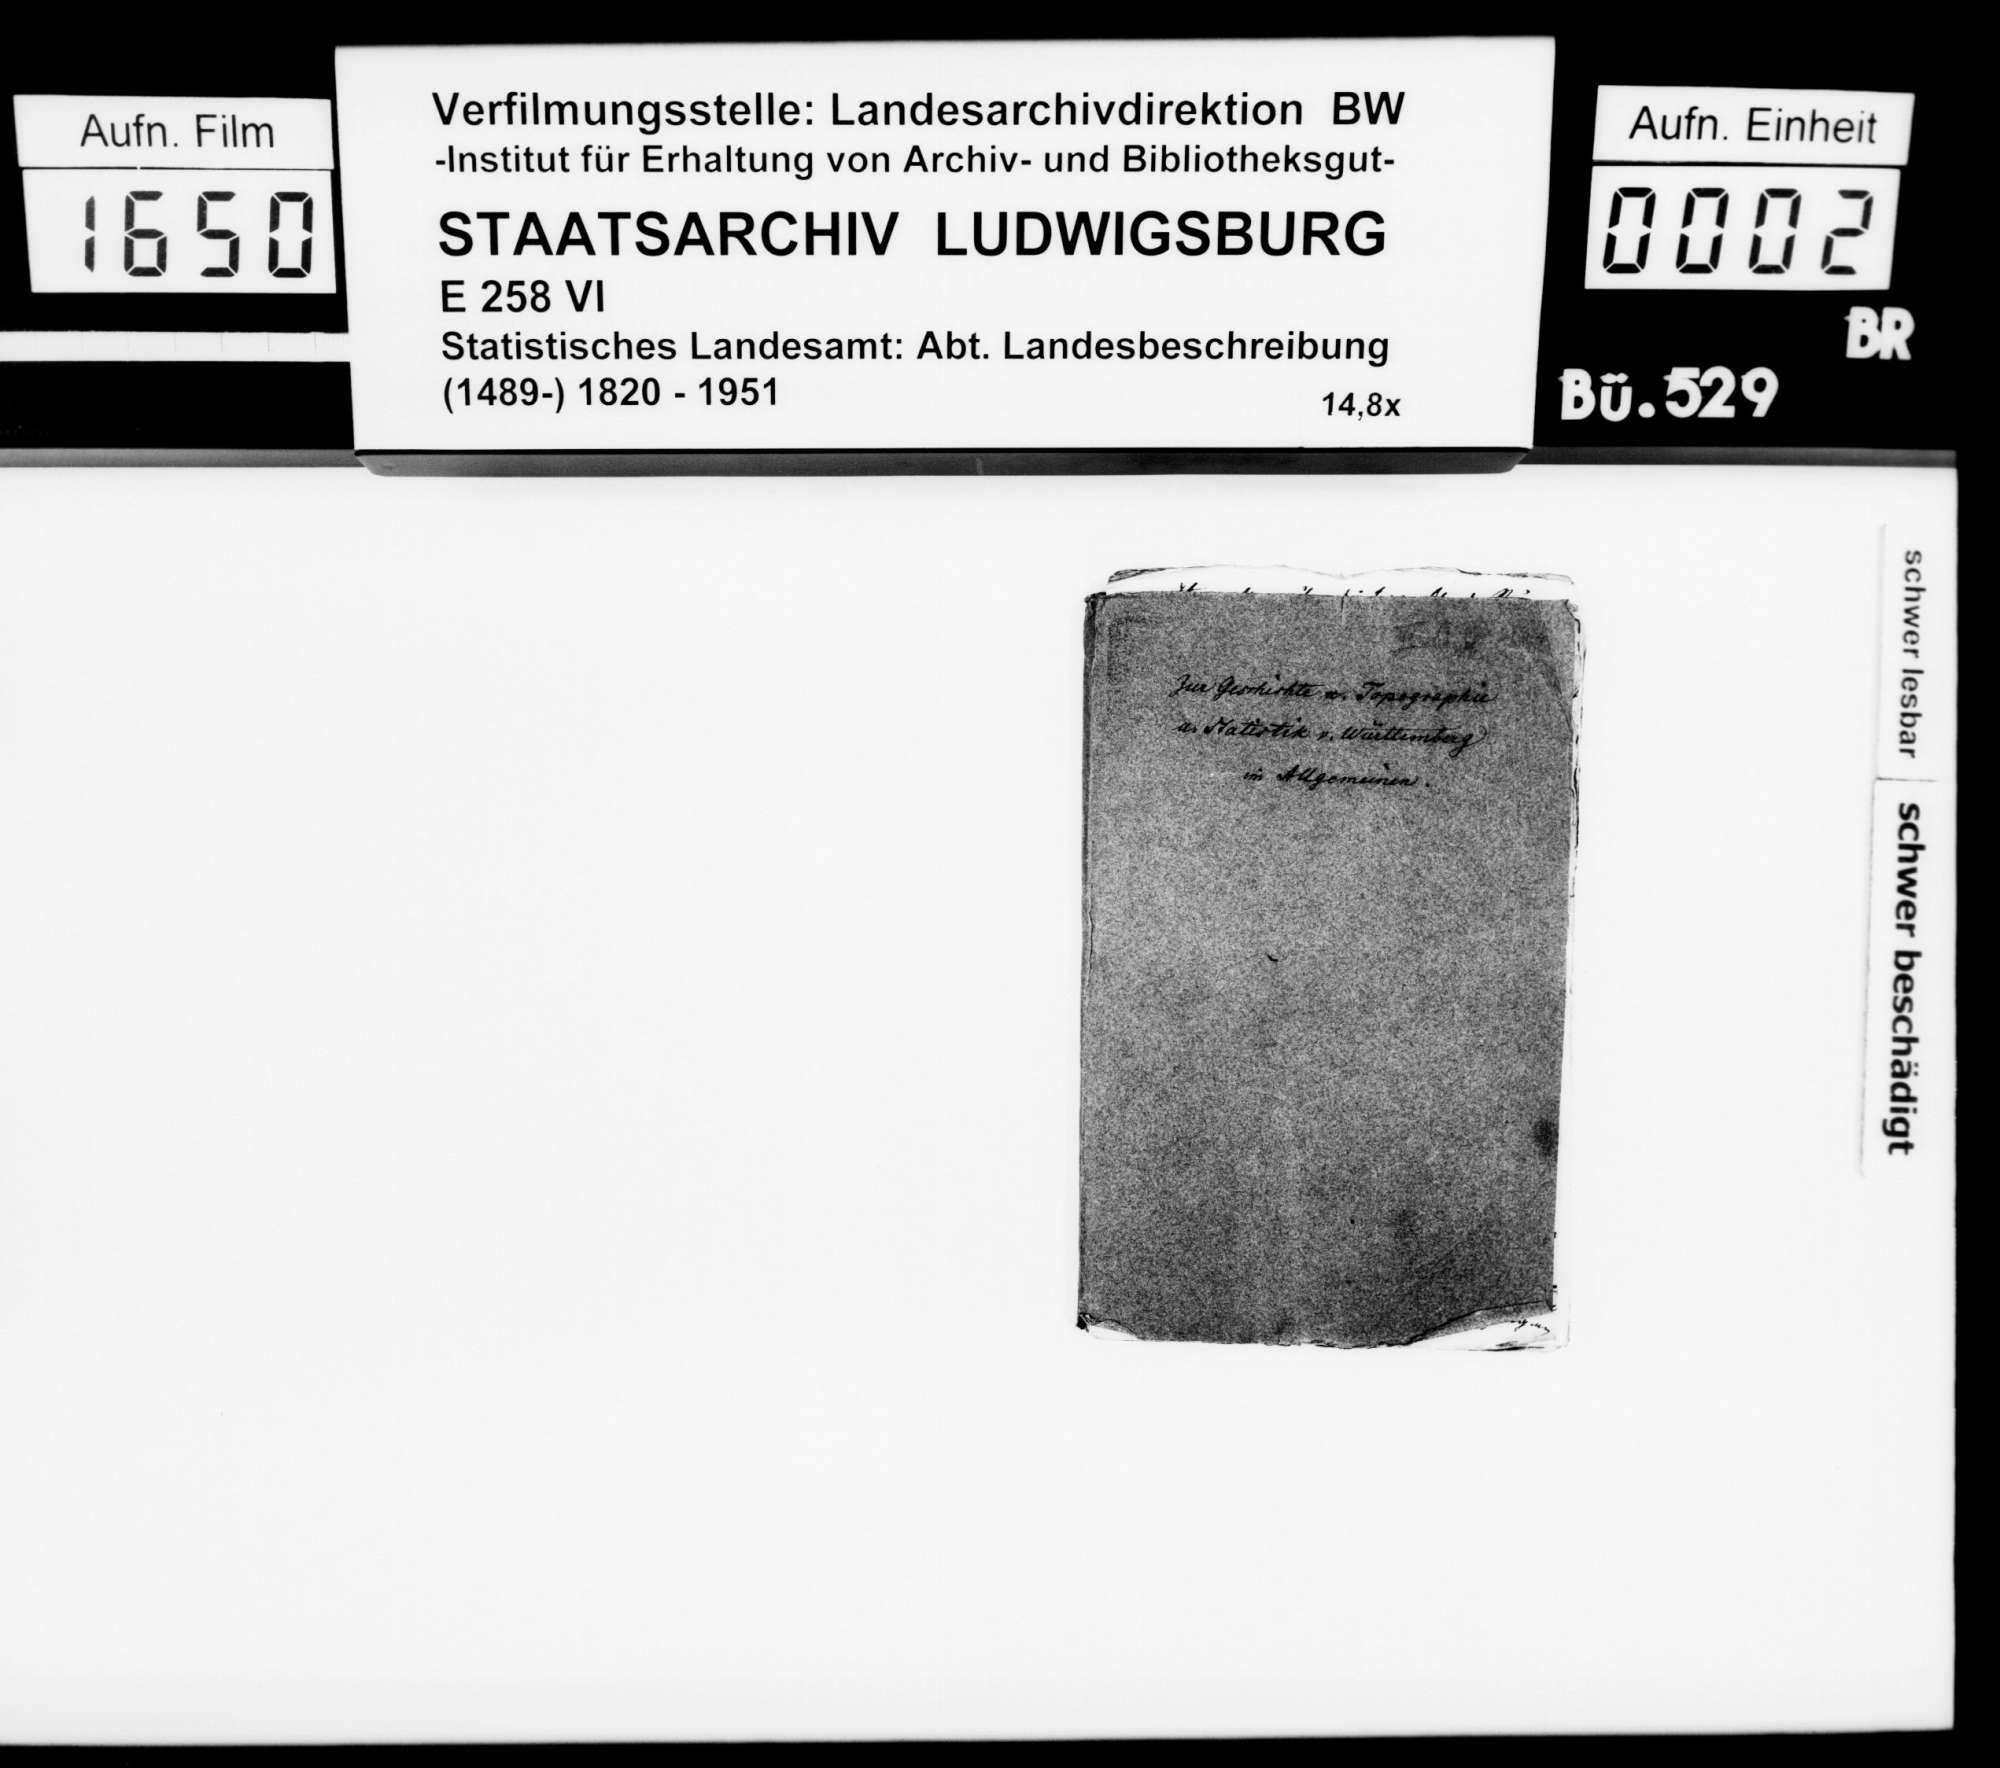 Notizen und Exzerpte [des Trigonometers Diezel in der Kanzlei des STBs] zu verschiedenen Wissensgebieten, bezogen auf das Königreich Württemberg, Bild 1